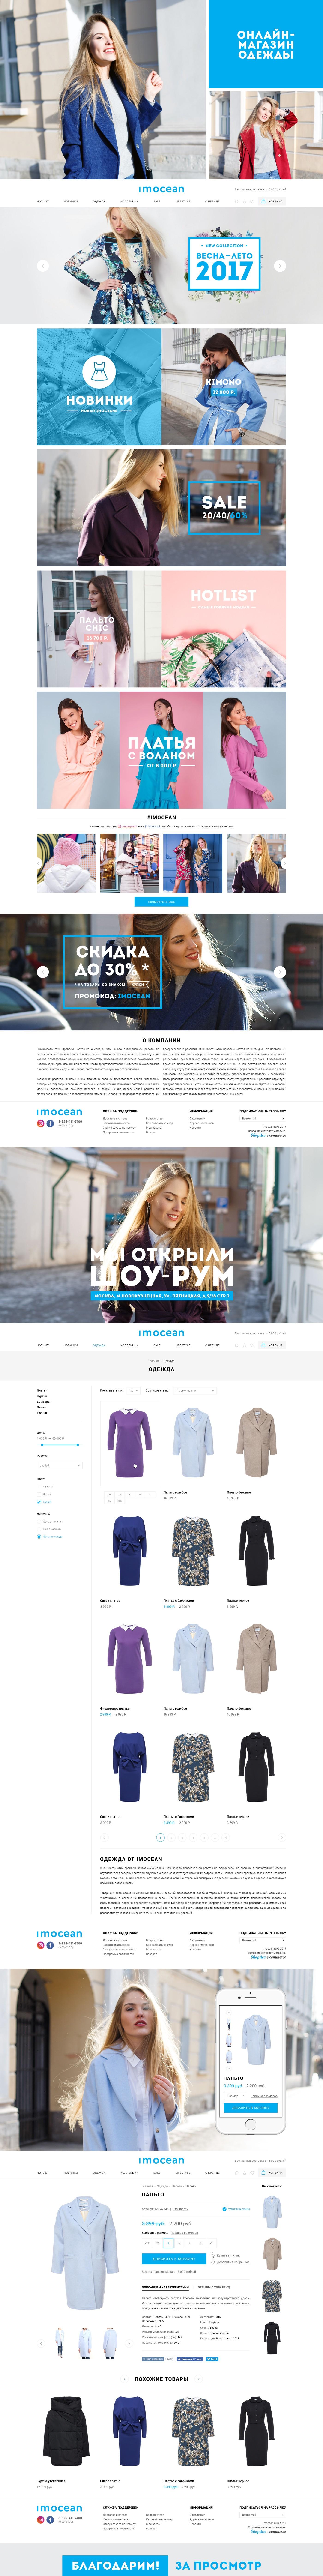 Дизайн адаптивного интернет-магазина одежды.